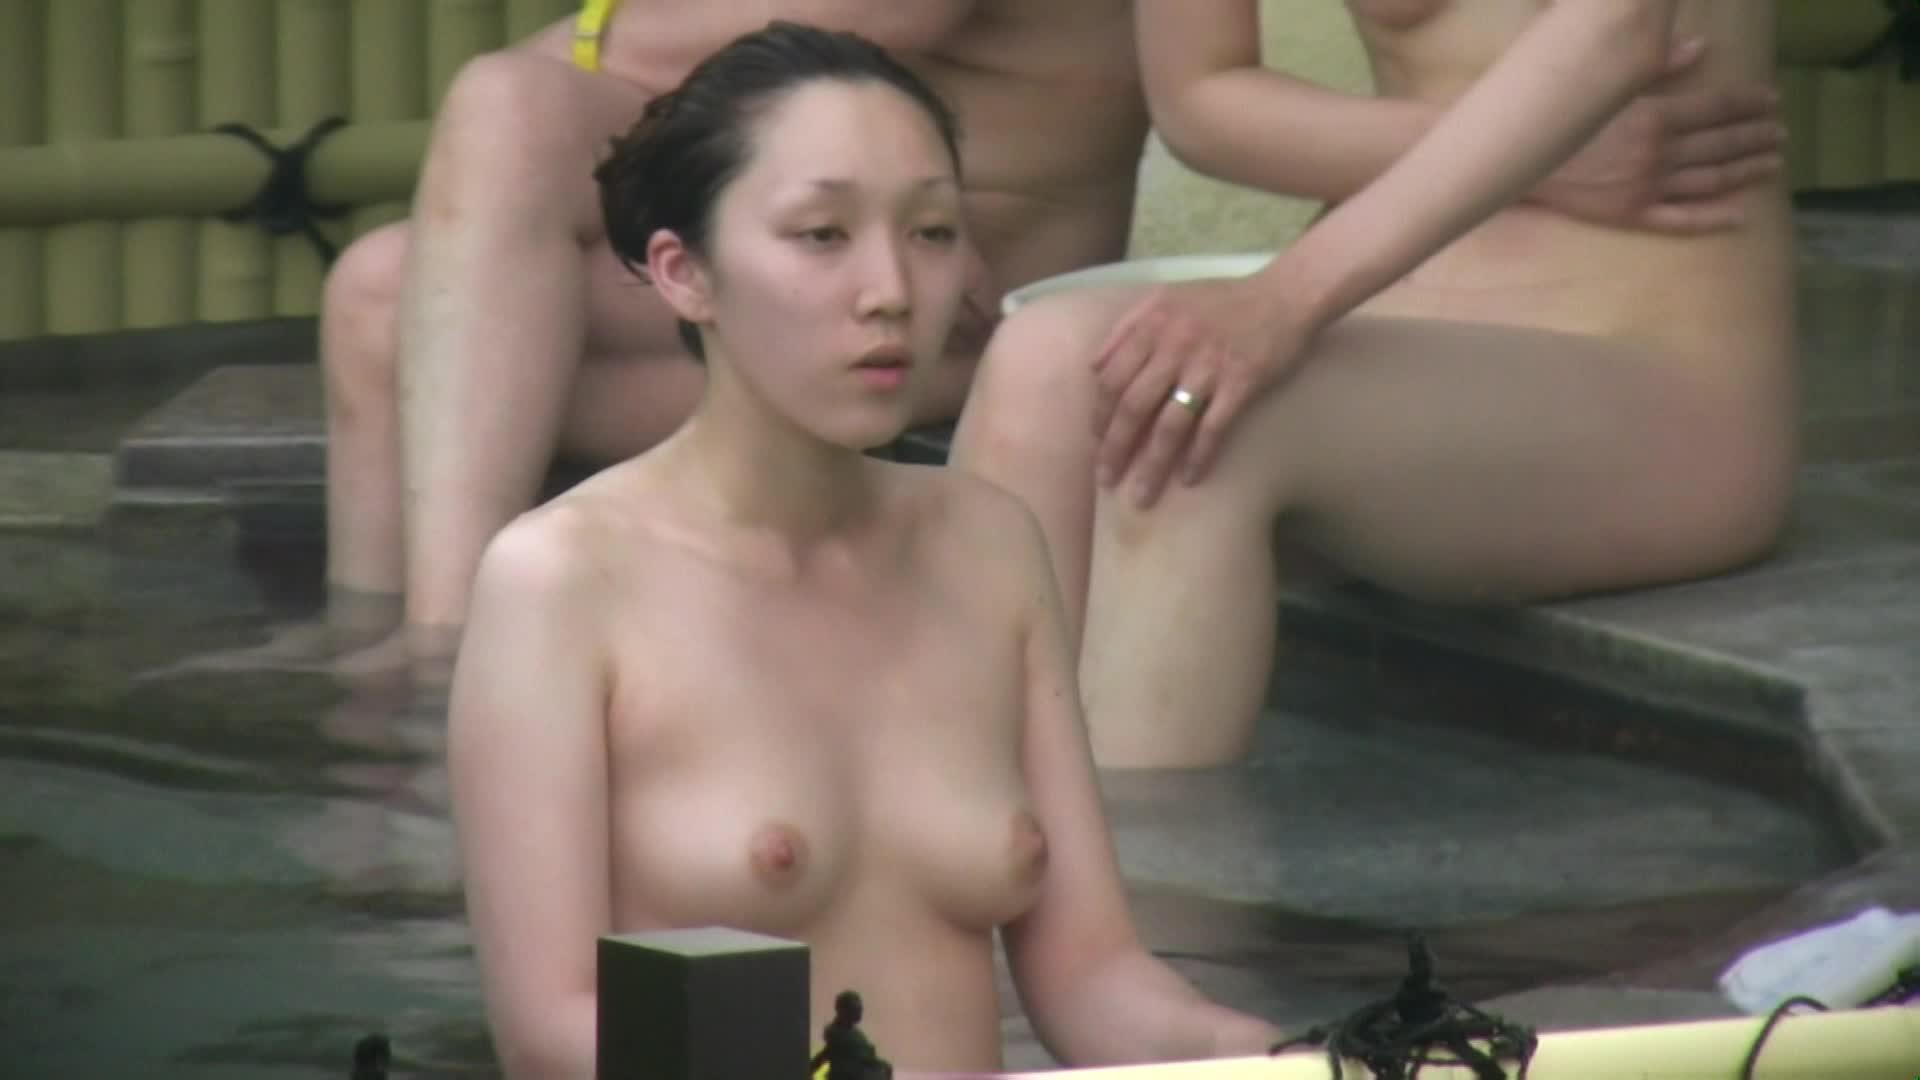 露天 盗撮 容姿がとても綺麗な女性達の露天風呂(FHD高画質)PART1 - エロ動画 アダルト動画